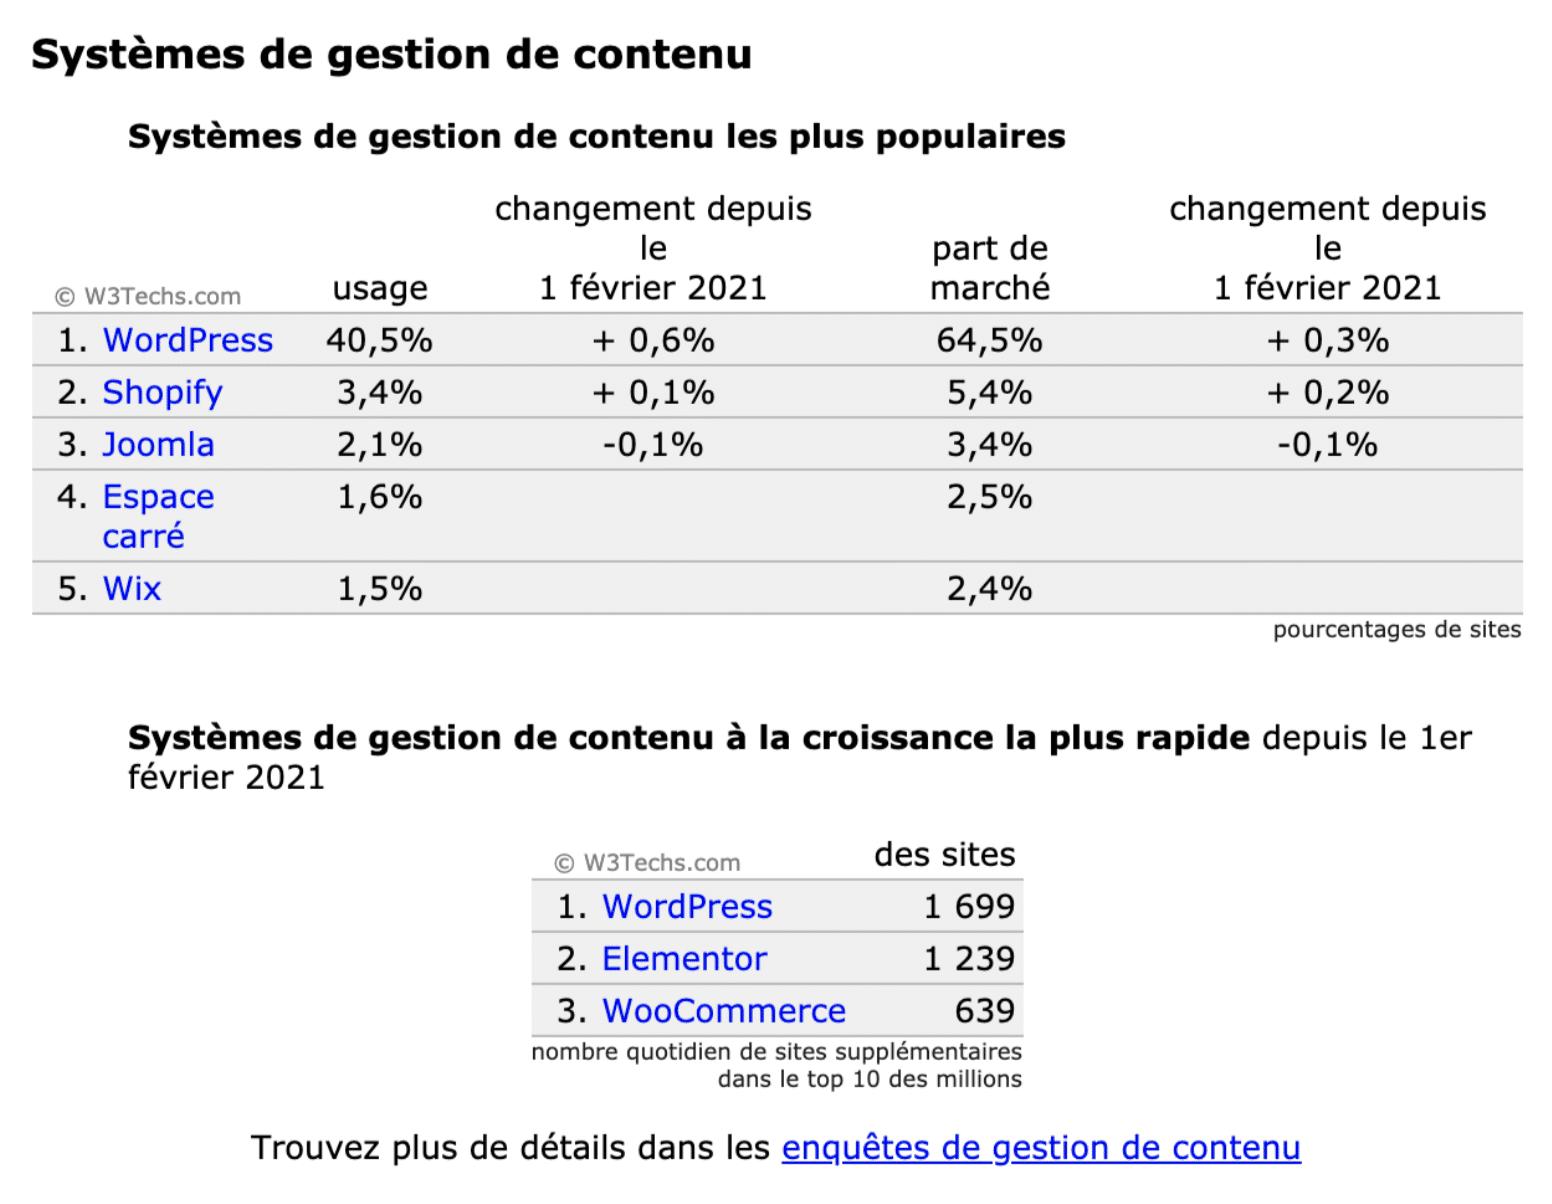 Analyse des systèmes de gestion de contenu pour étudier la création de site internet WordPress